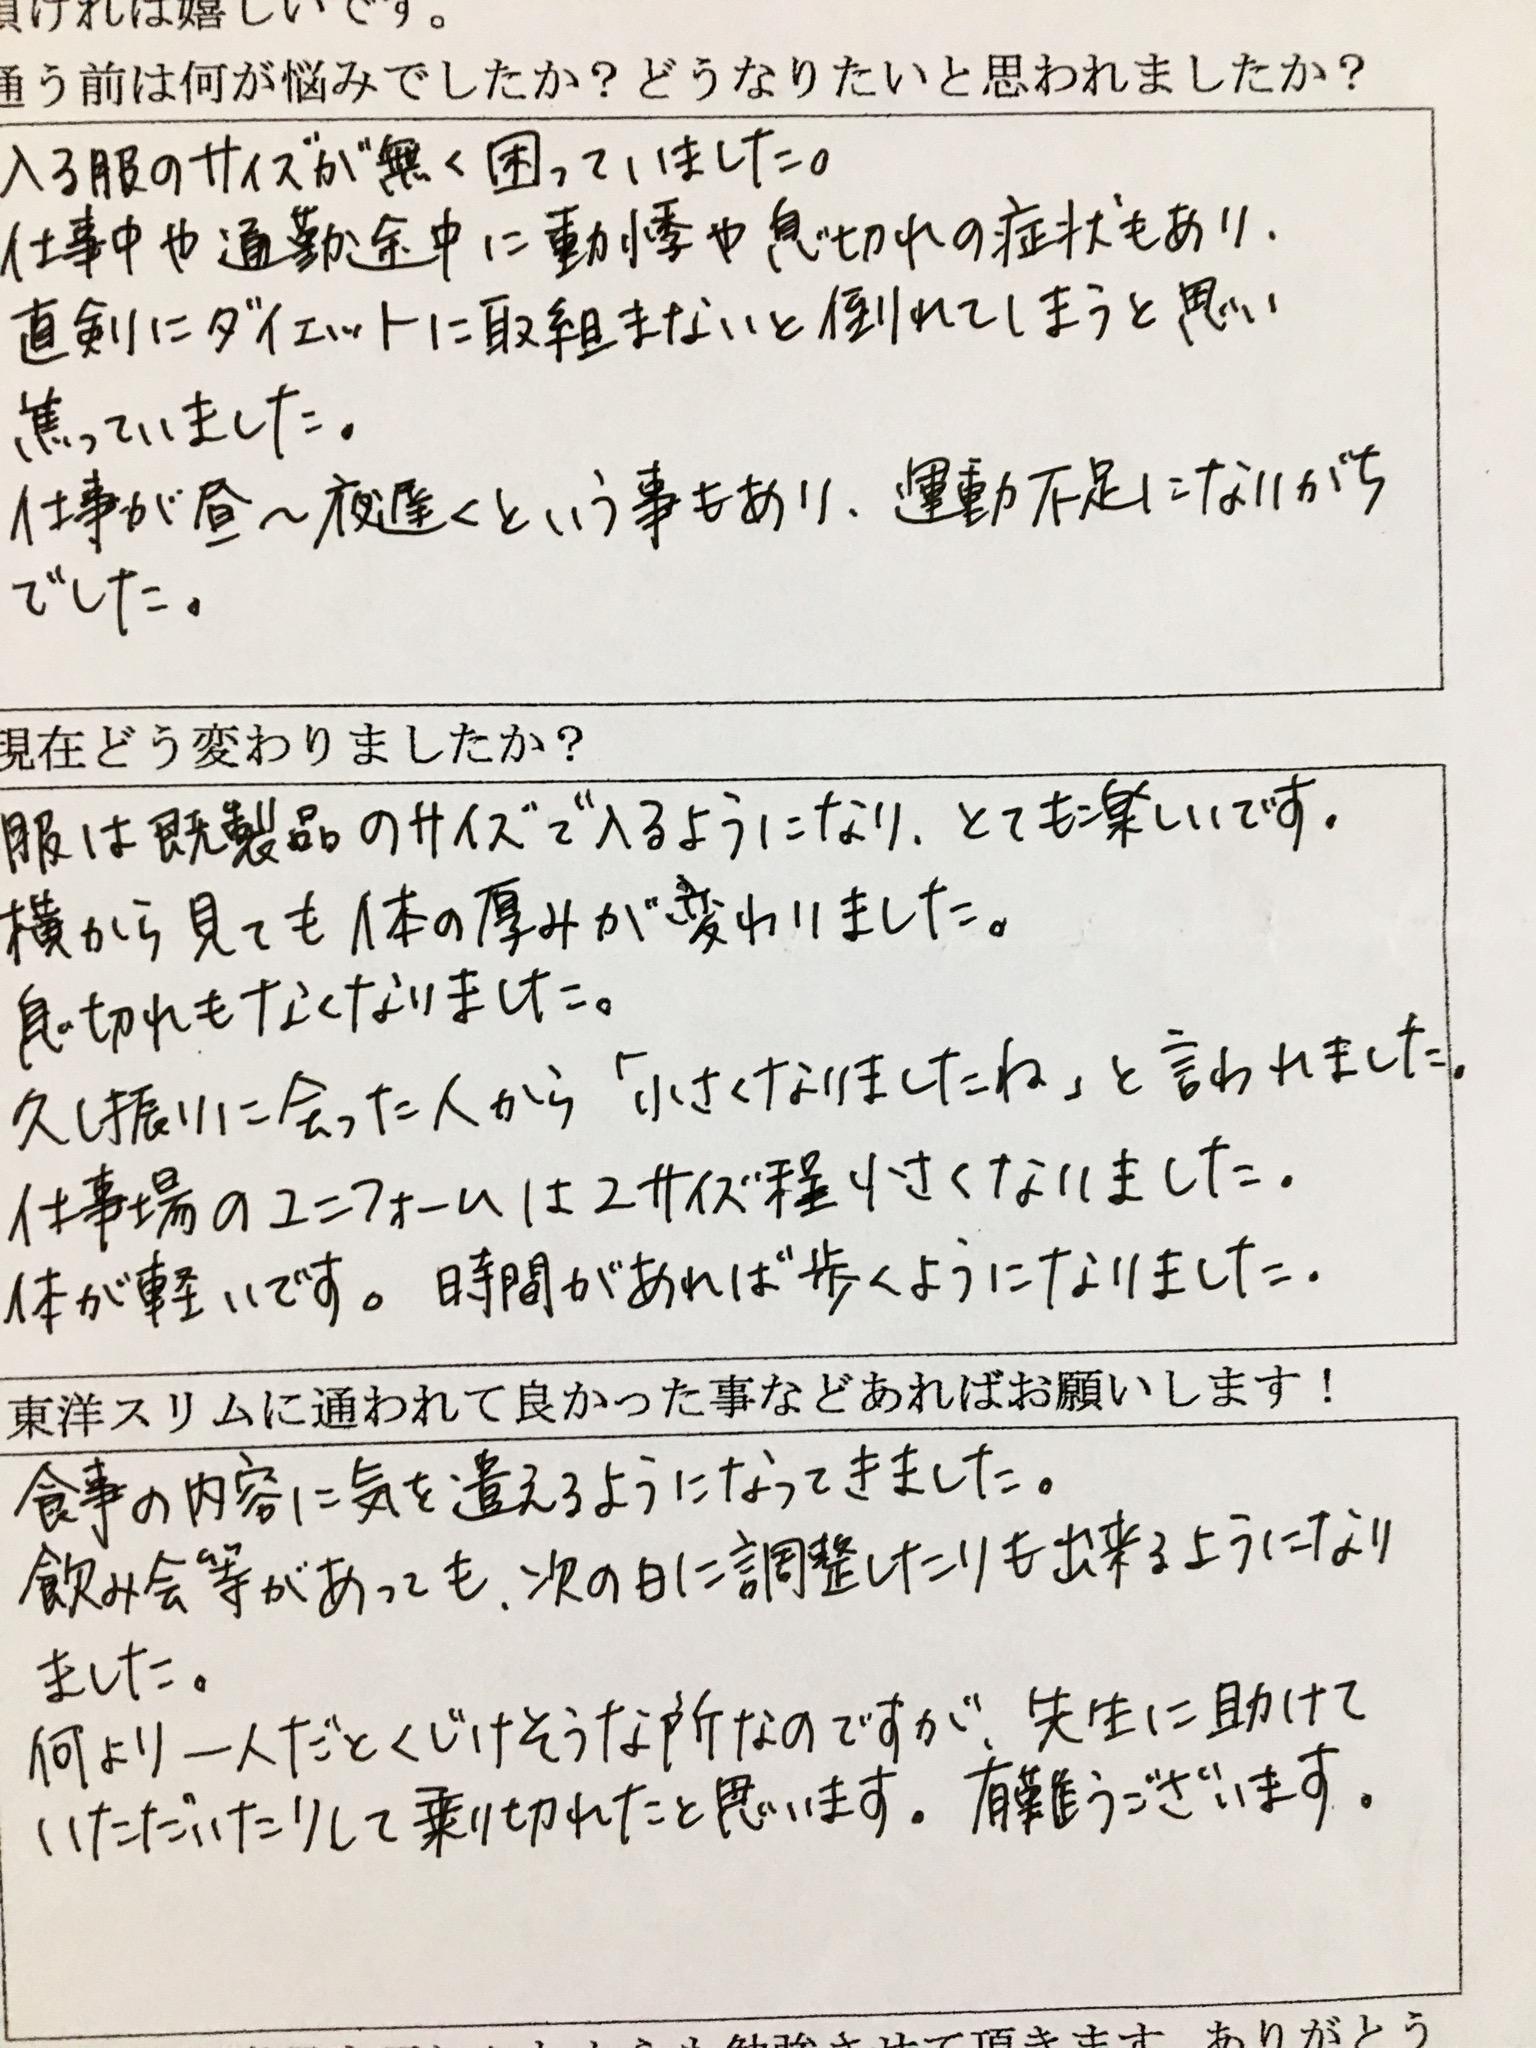 [皆様の声]大阪市西淀川区Mさん。真剣にダイエットに取り組まないと倒れてしまうと焦ってました。(結果には個人差があります)